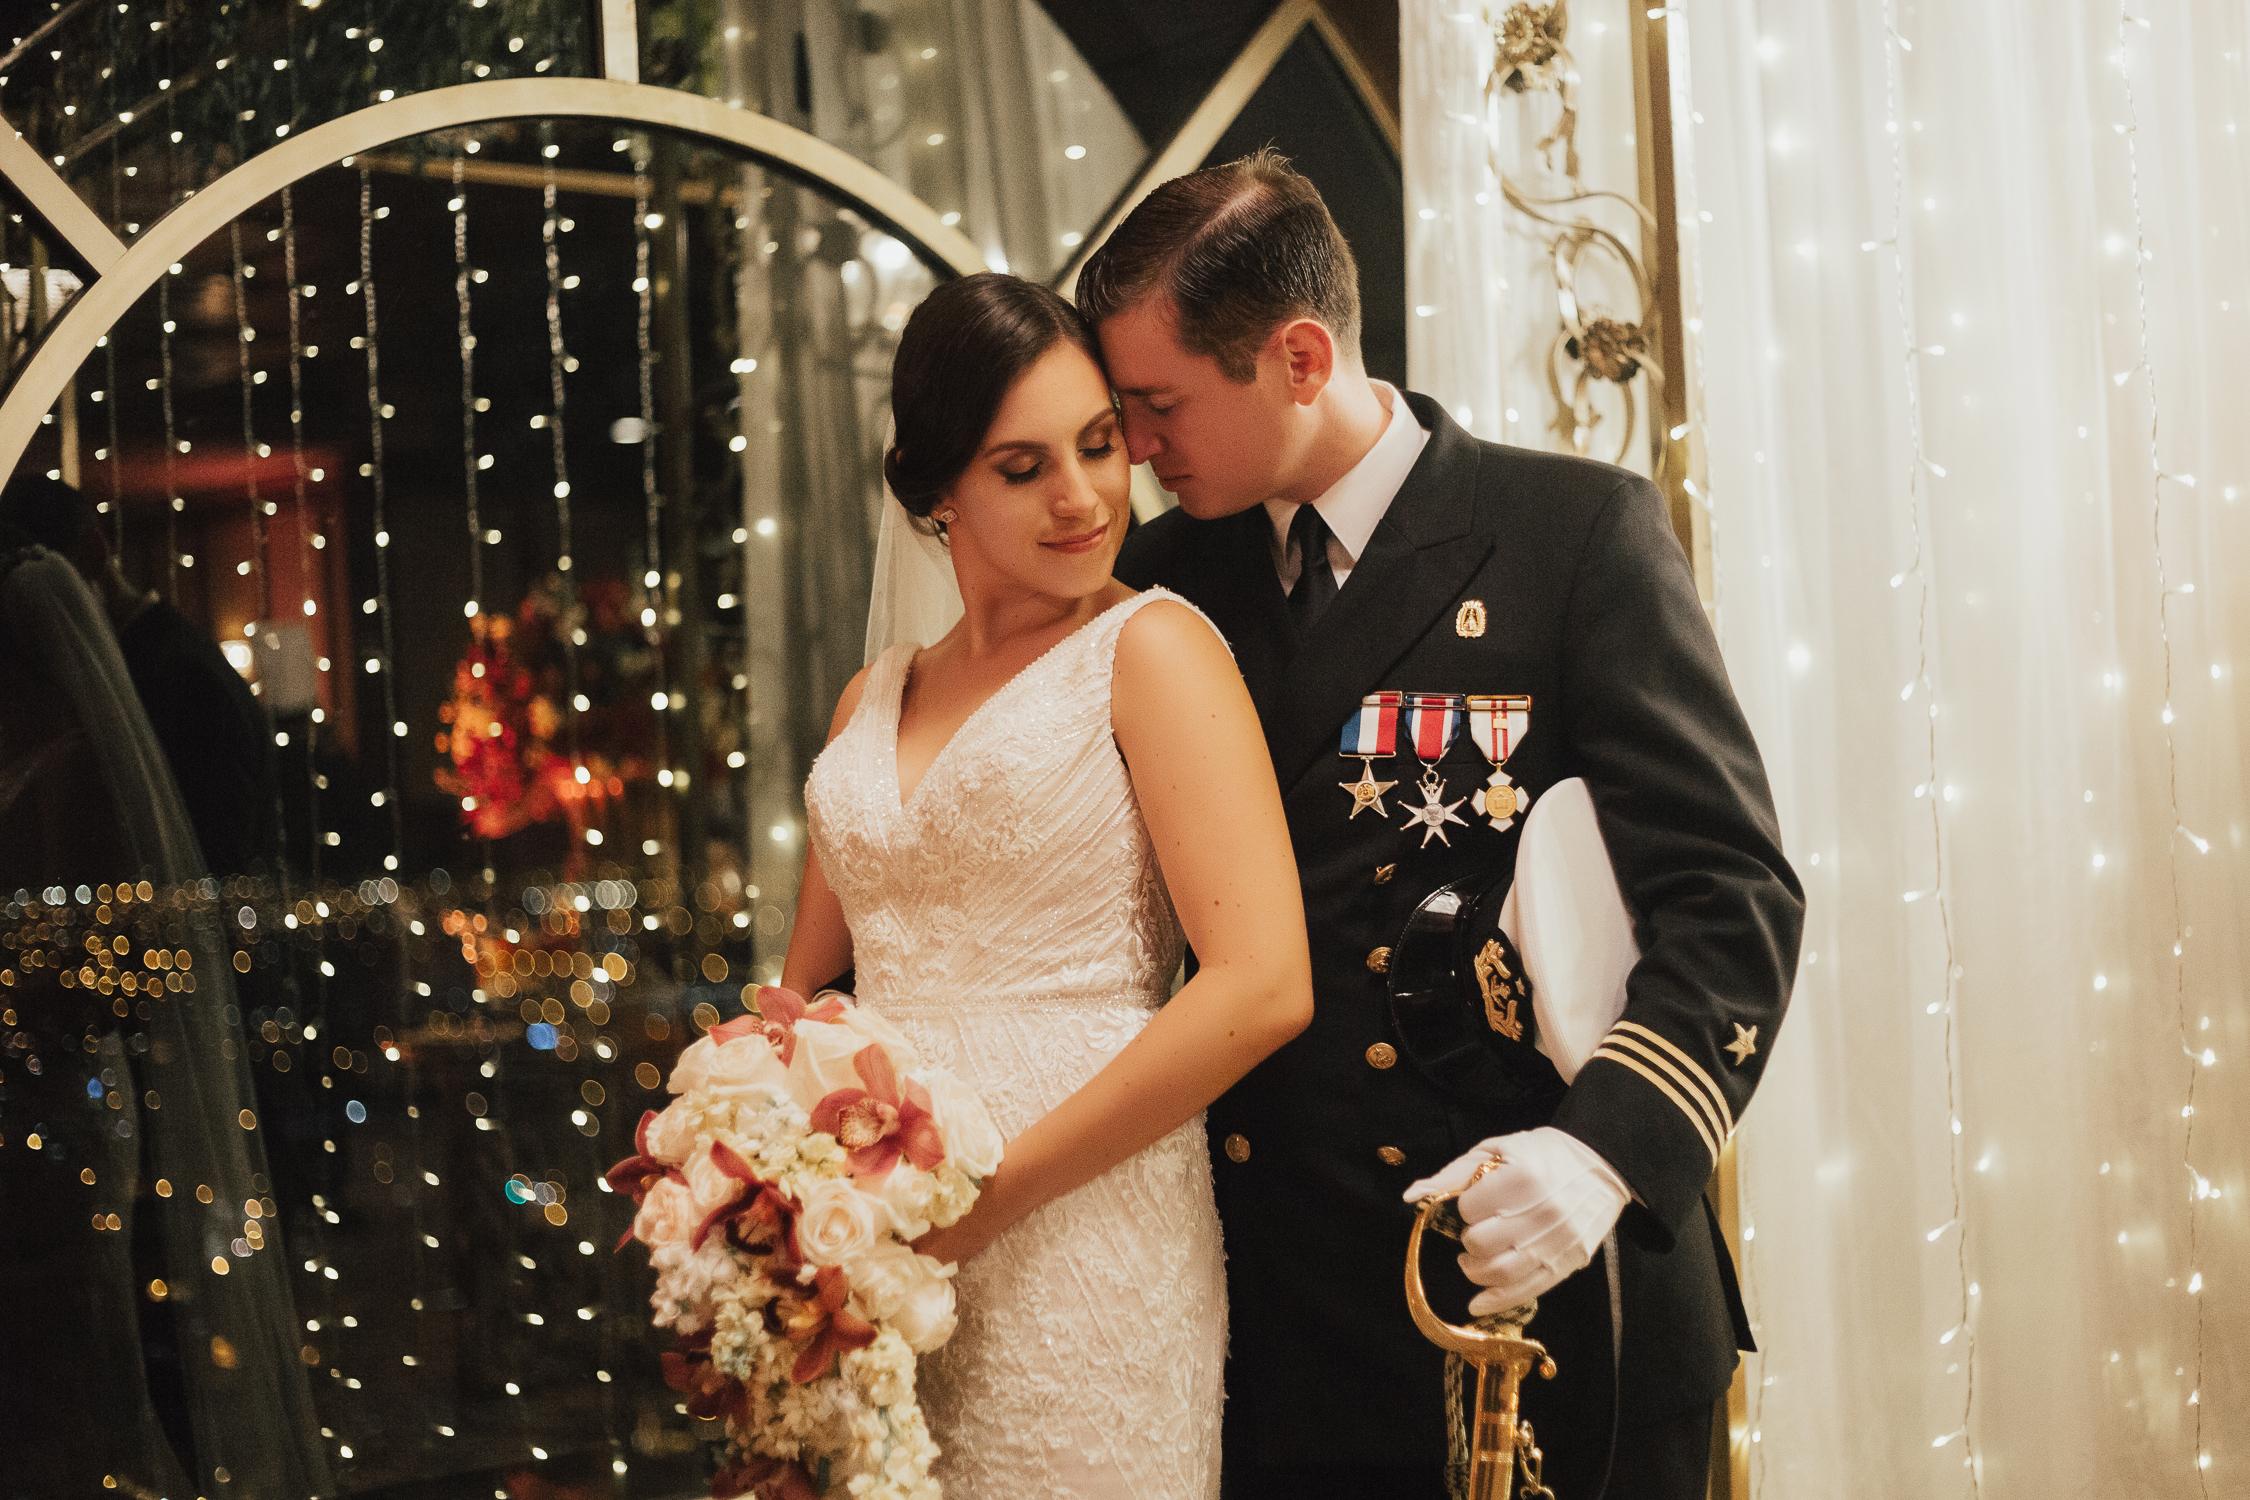 Michelle-Agurto-Fotografia-Bodas-Ecuador-Destination-Wedding-Photographer-Ecuador-Mercedes-Alvaro-127.JPG